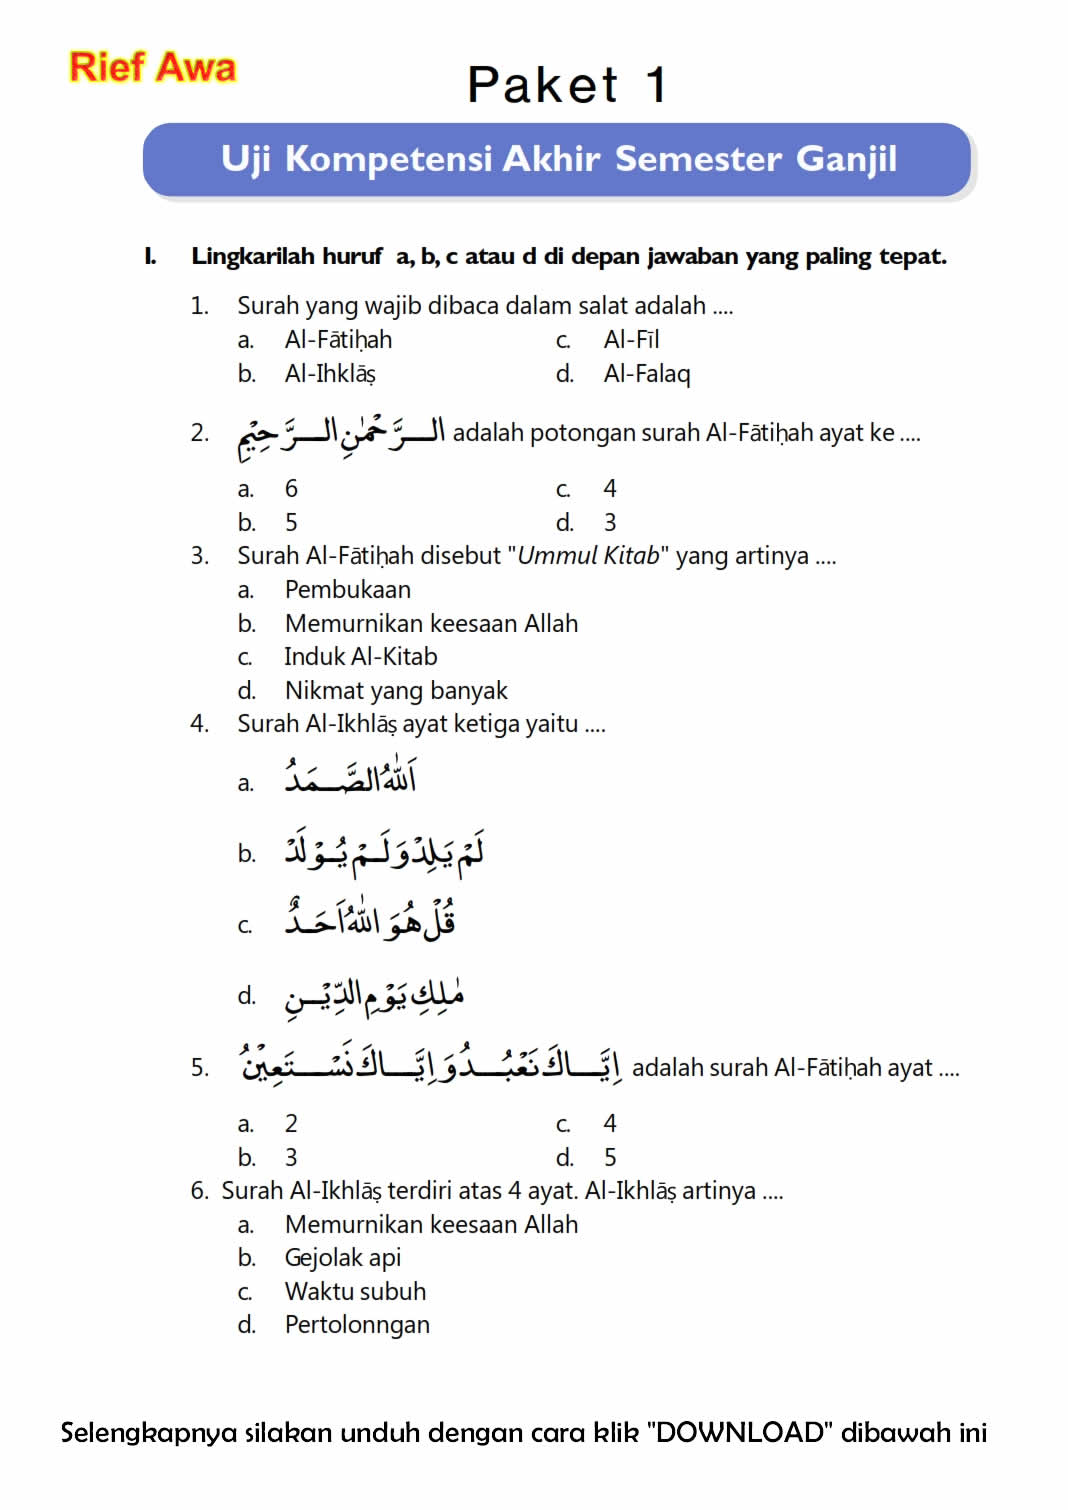 Download Soal UAS Ganjil Pendidikan Agama Islam Kelas 4 ...